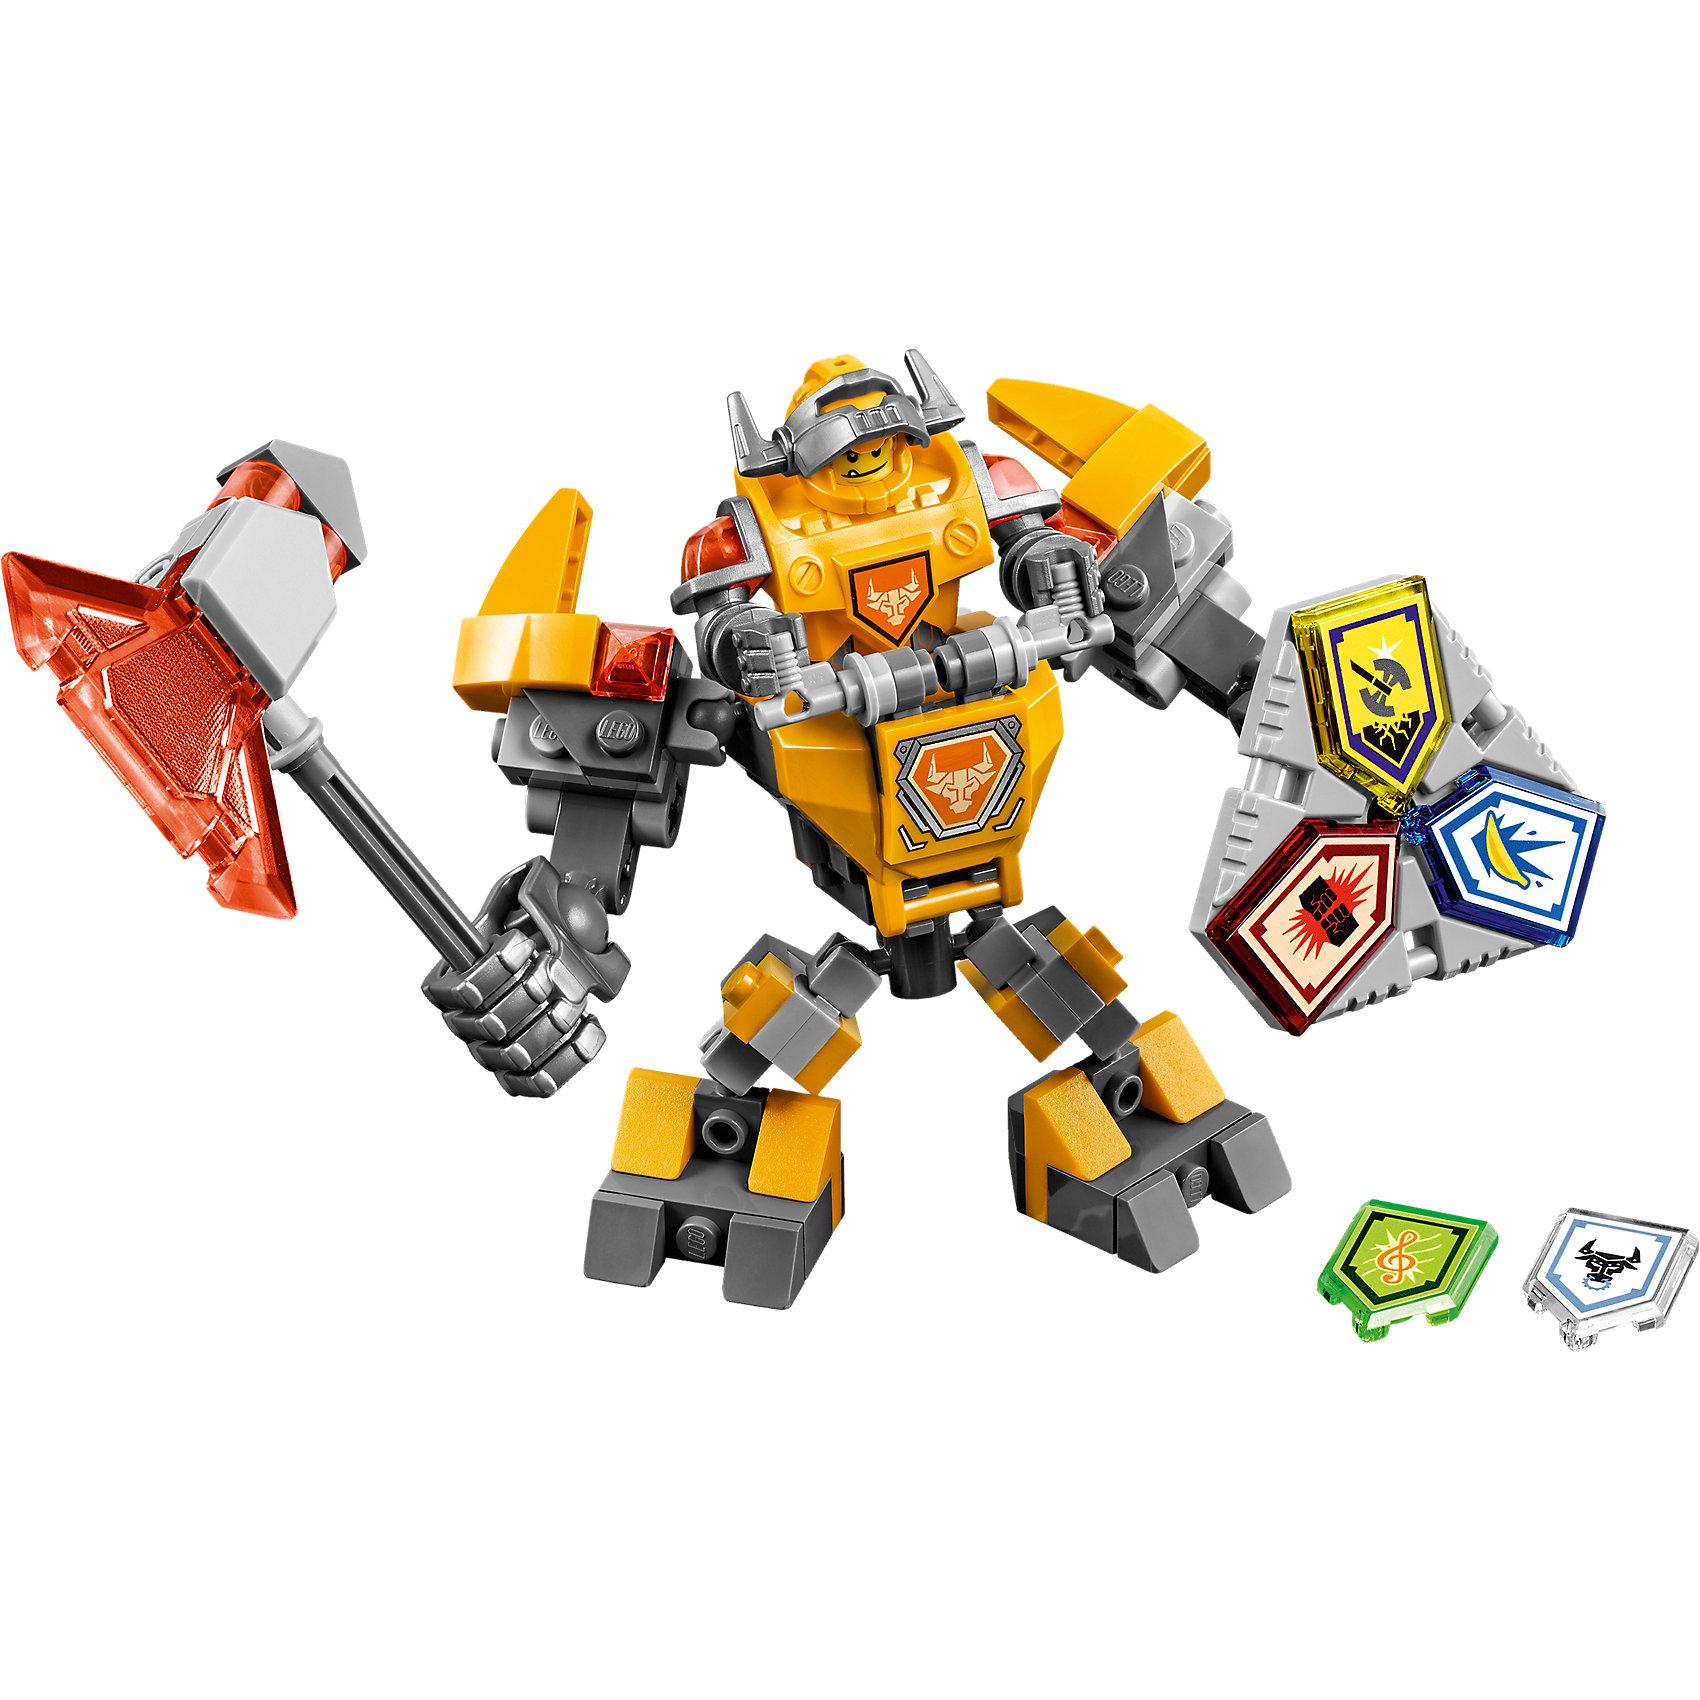 LEGO NEXO KNIGHTS 70365: Боевые доспехи АкселяLEGO NEXO KNIGHTS 70365: Боевые доспехи Акселя<br><br>Характеристики:<br><br>- в набор входит: доспехи, фигурка, 5 защитных сил, красочная инструкция<br>- состав: пластик<br>- количество деталей: 80<br>- размер коробки: 20 * 5,5 * 19 см.<br>- высота доспеха: 9 см.<br>- для детей в возрасте: от 7 до 14 лет<br>- Страна производитель: Дания/Китай/Чехия<br><br>Легендарный конструктор LEGO (ЛЕГО) представляет серию «NEXO KNIGHTS» (Нэксо Найтс) по сюжету одноименного мультсериала. Серия понравится любителям средневековья благодаря рыцарям, принцессам, монстрам и ужасным злодеям. Рыцарь Аксель получает свои новые боевые доспехи. Прекрасное сочетание темно-серого, желтого и оранжевого цветов отлично ему подходят. Доспех на шарнирах и позволяет рыцарю свободно двигать руками и ногами в плечах, локтях, коленях, бедрах и торсе. Прочный щит содержит сразу три силы, а надежный и яркий топор станет отличным помощников в битве. Изображенный на груди герб Акселя является особенностью доспеха. Фигурка Акселя входит в комплект, отлично детализирована и имеет два выражения лица. Съемный шлем выглядит очень правдоподобно, забрало поднимается и опускается. К доспеху можно будет прикрепить дополнительные детали от LEGO NEXO KNIGHTS, которые выйдут во втором полугодии 2017 года. Помогай рыцарям бороться с каменными монстрами с помощью прогресса и невероятной Нексо силы!<br><br>Конструктор LEGO NEXO KNIGHTS 70365: Боевые доспехи Акселя можно купить в нашем интернет-магазине.<br><br>Ширина мм: 207<br>Глубина мм: 185<br>Высота мм: 50<br>Вес г: 133<br>Возраст от месяцев: 84<br>Возраст до месяцев: 168<br>Пол: Мужской<br>Возраст: Детский<br>SKU: 5002547